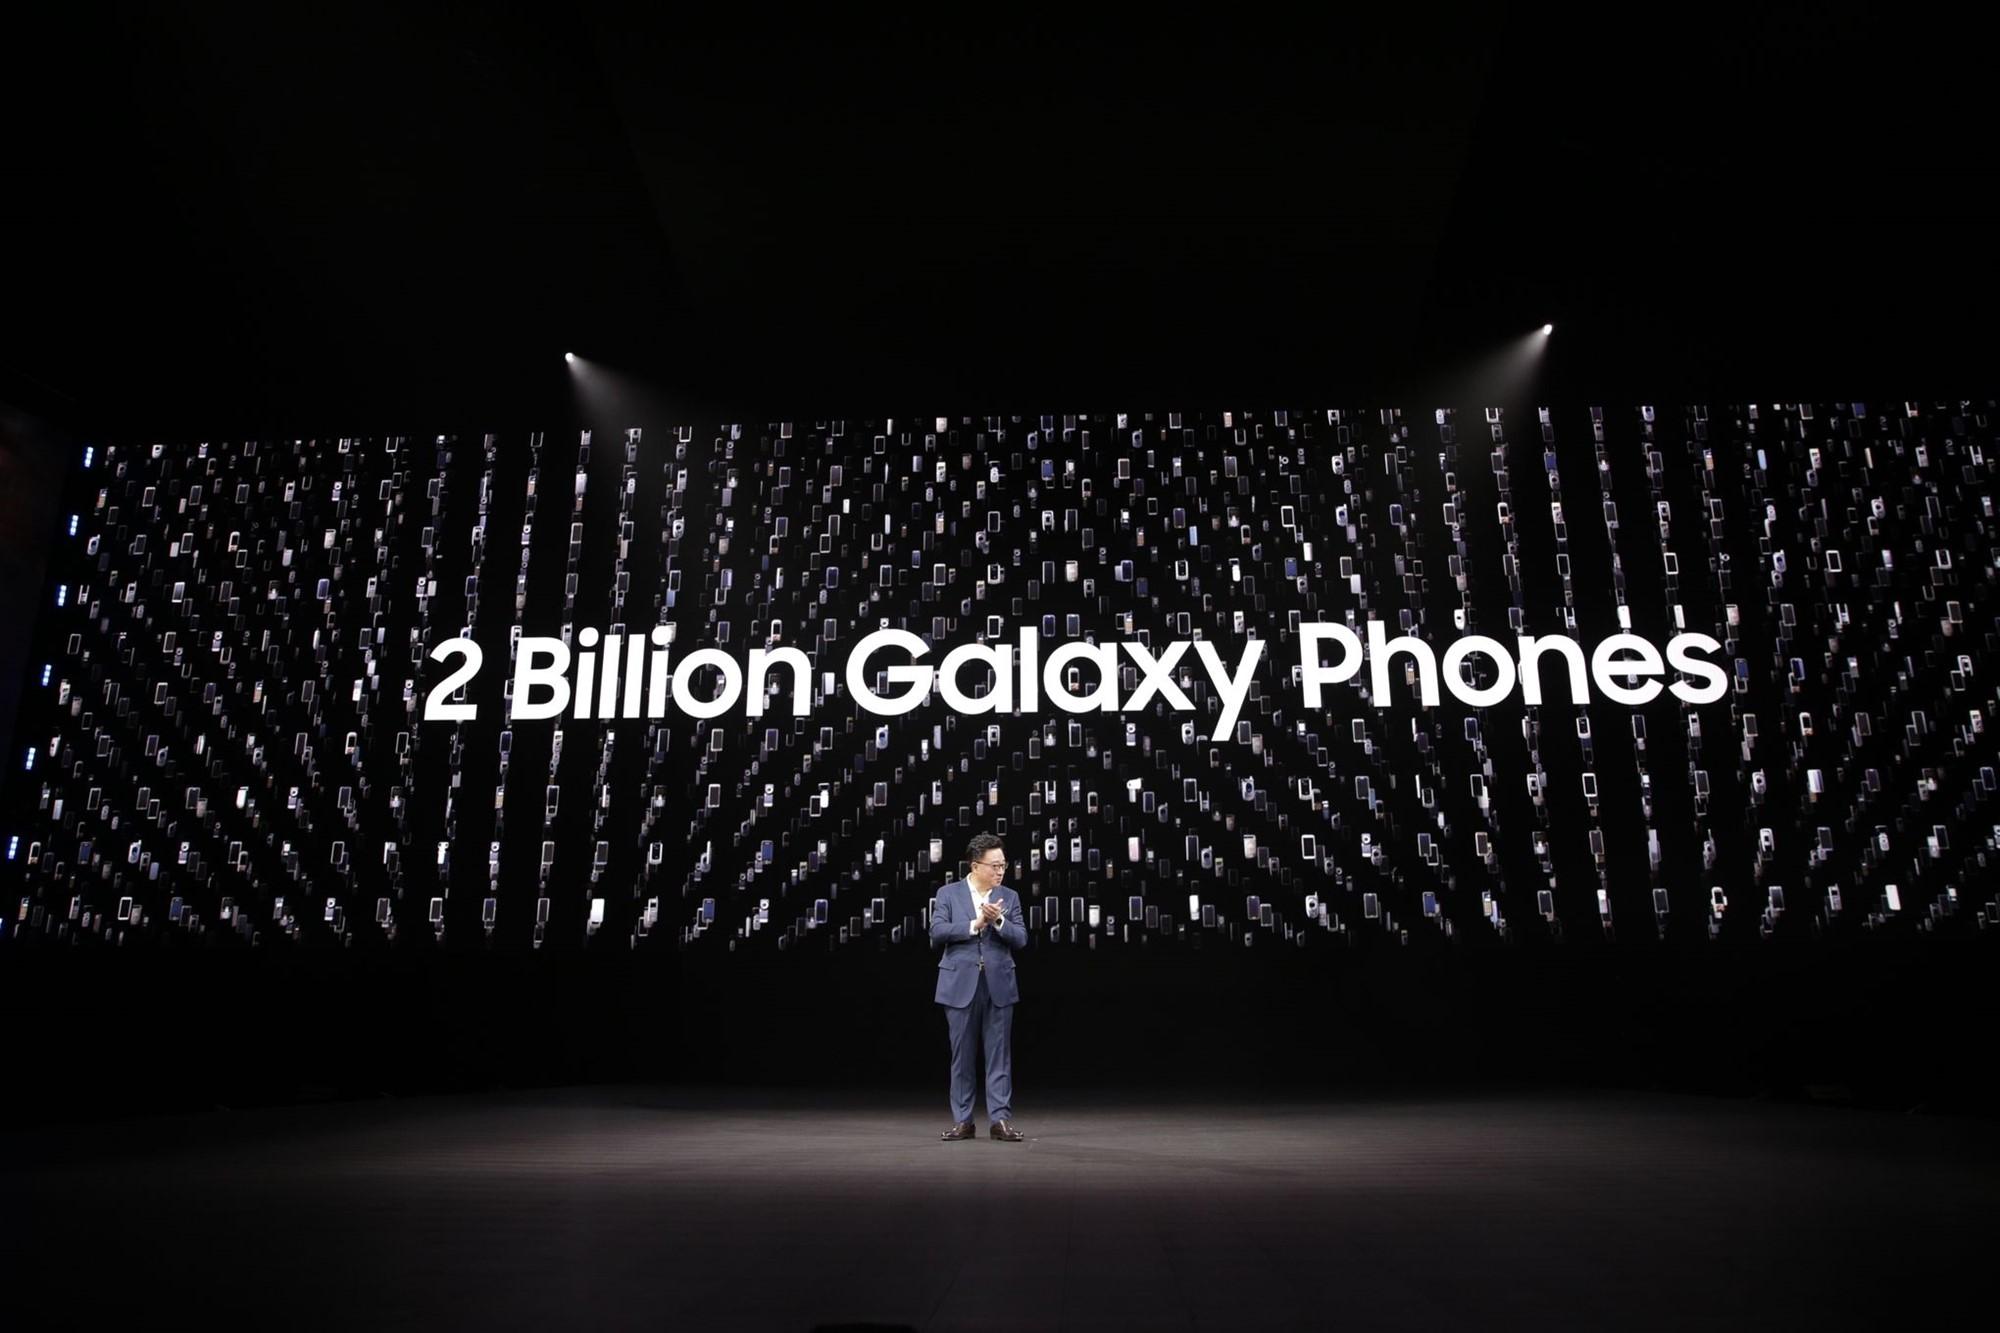 سامسونگ ۲ میلیارد دستگاه موبایل Galaxy فروخته است